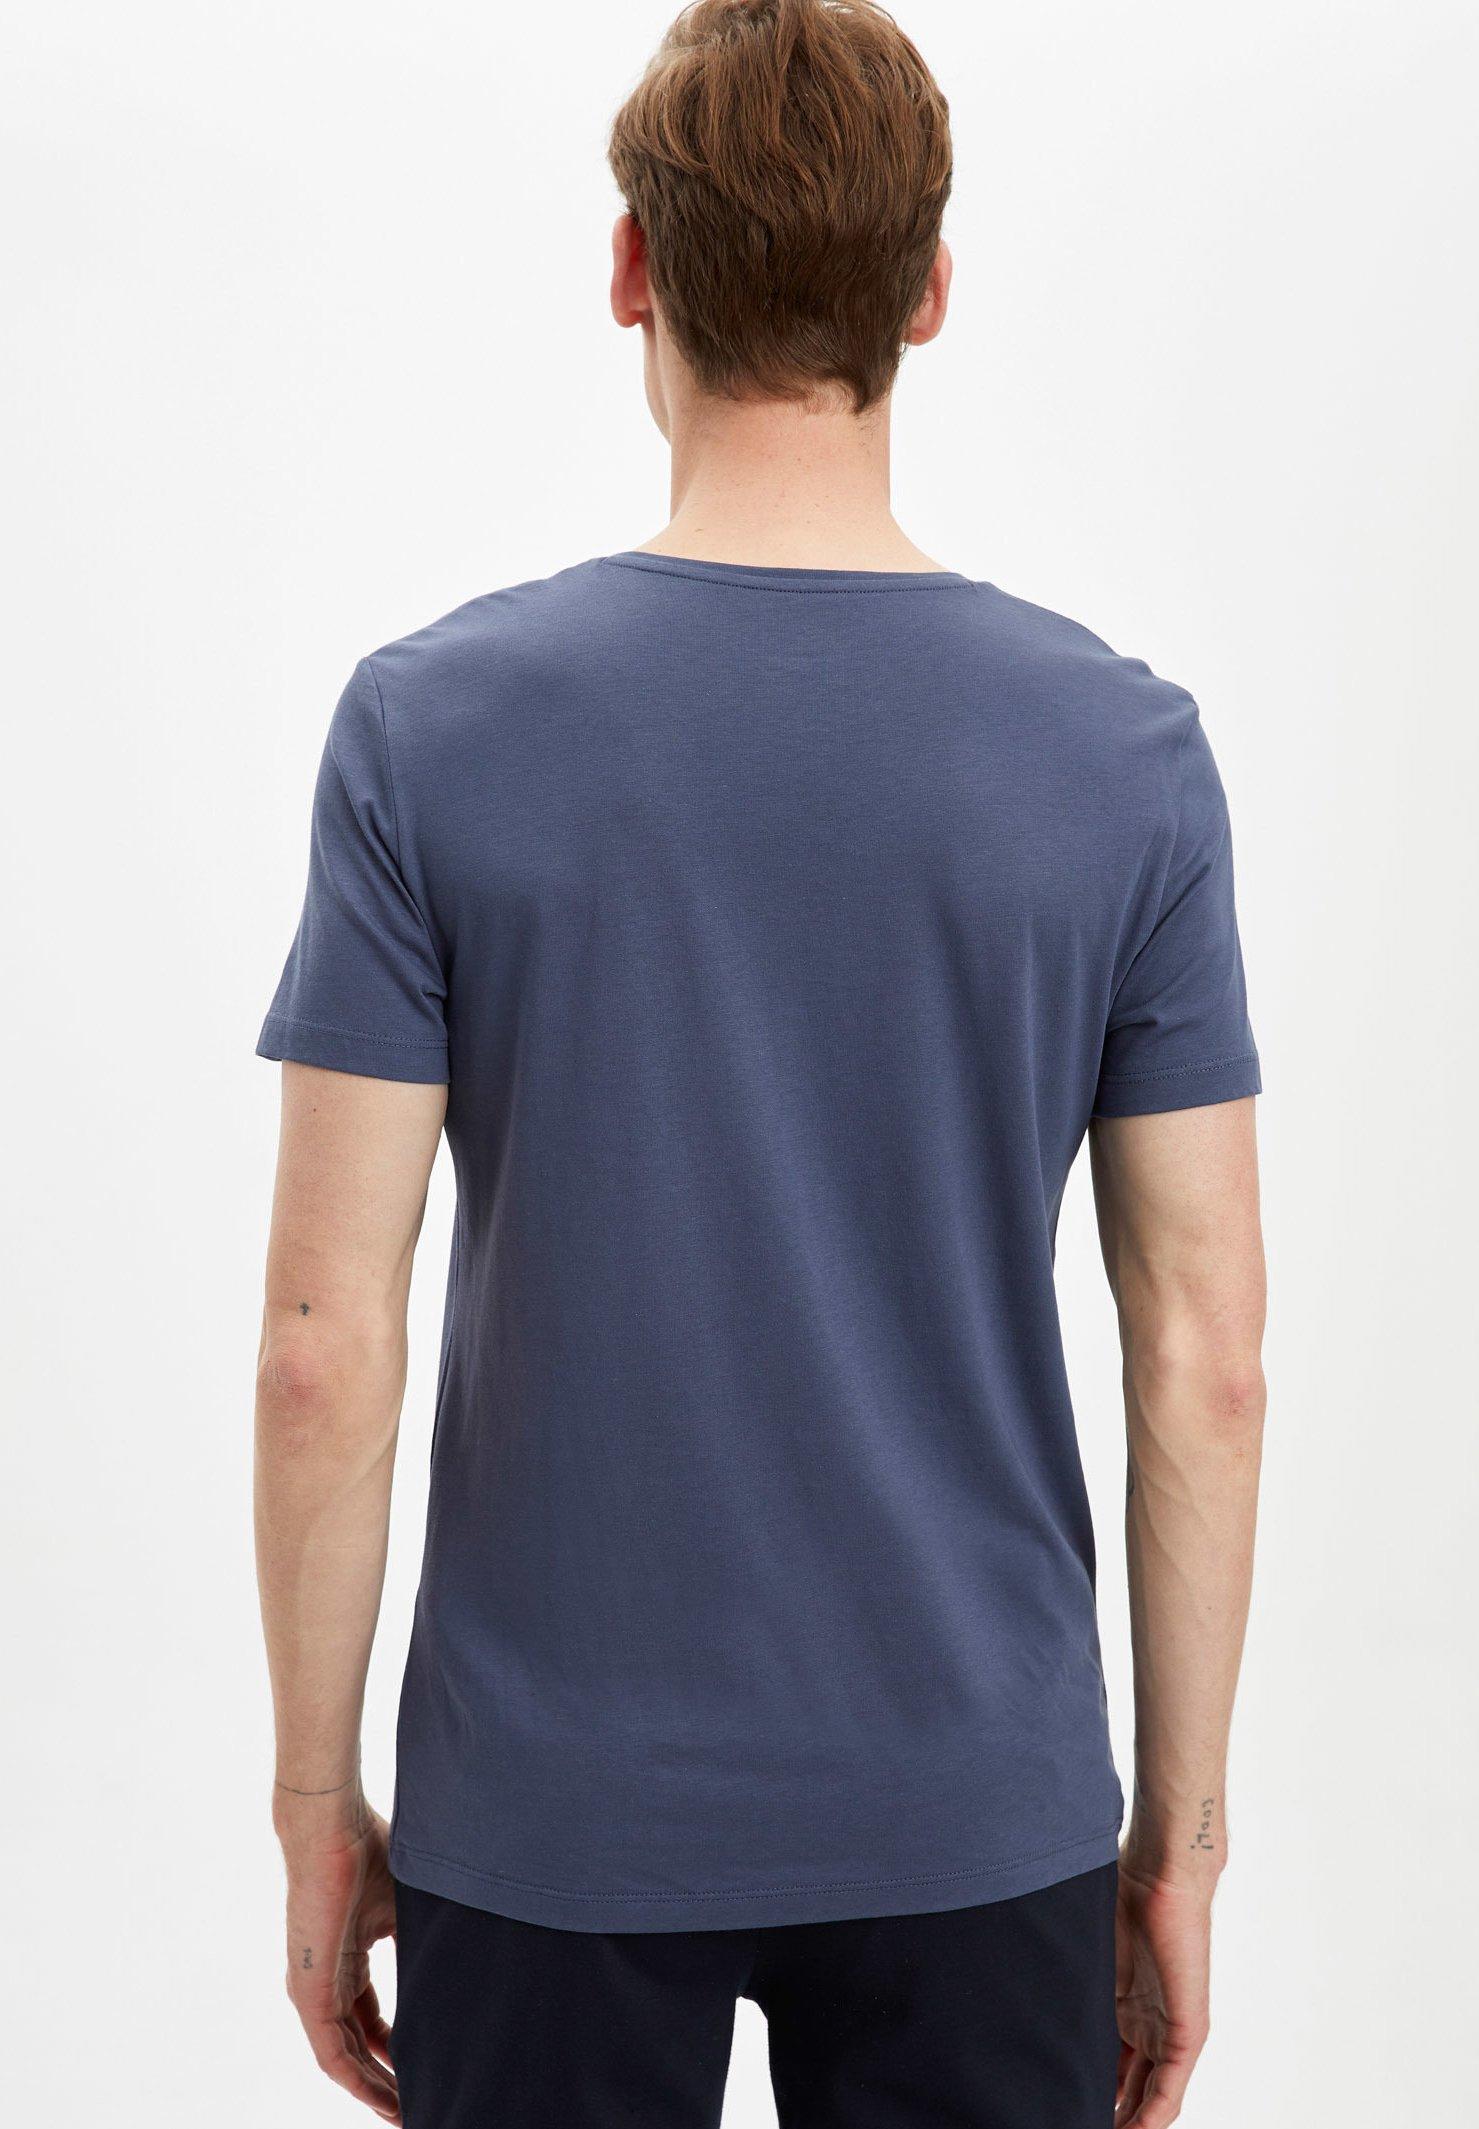 DeFacto Basic T-shirt - indigo hPhA3